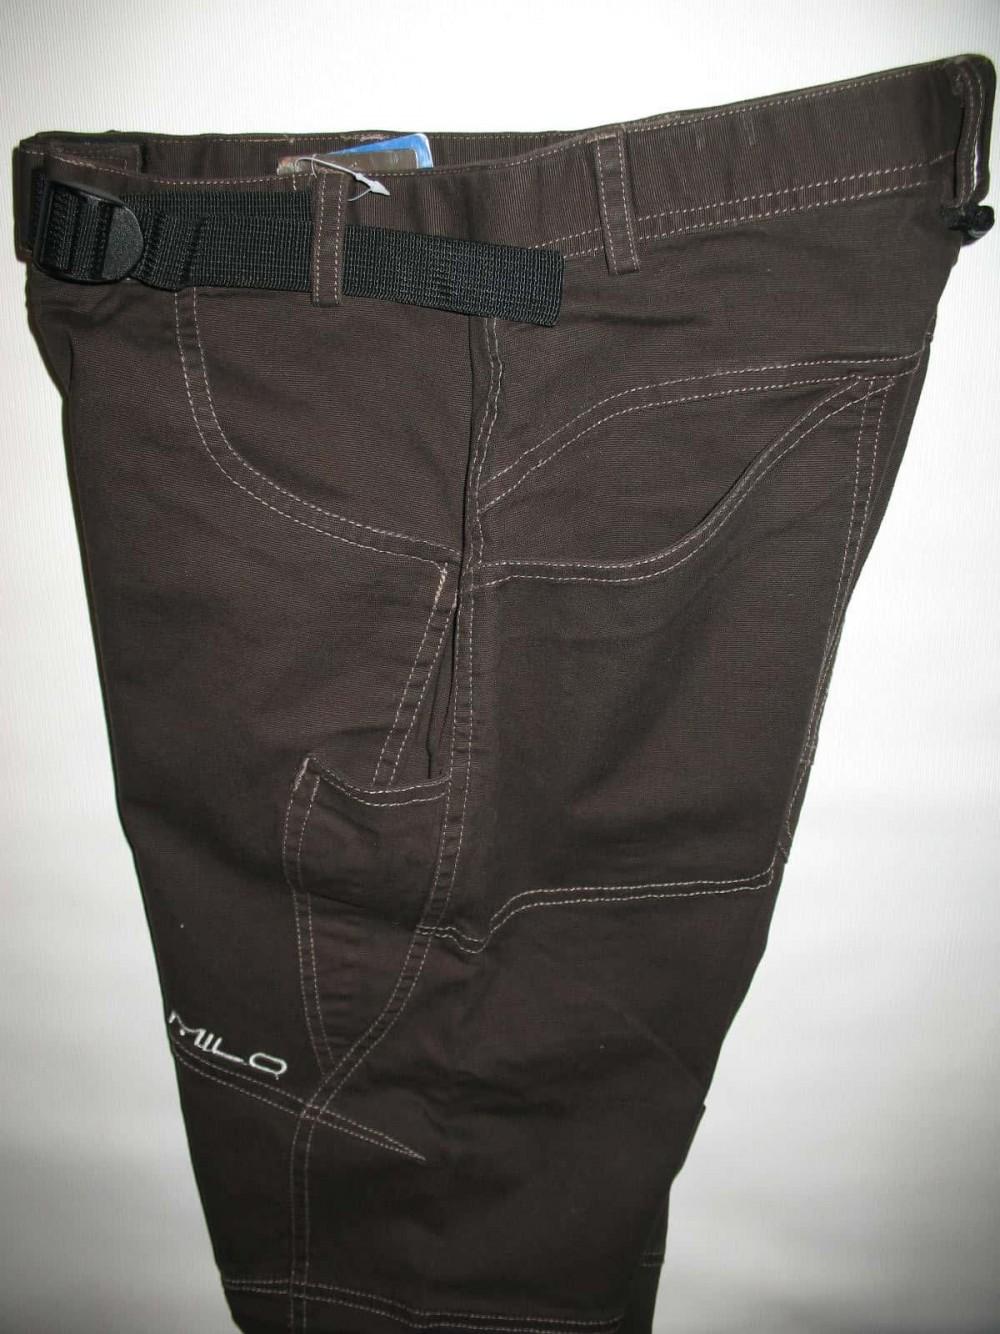 Штаны MILO loyc pants lady (размер S) - 6